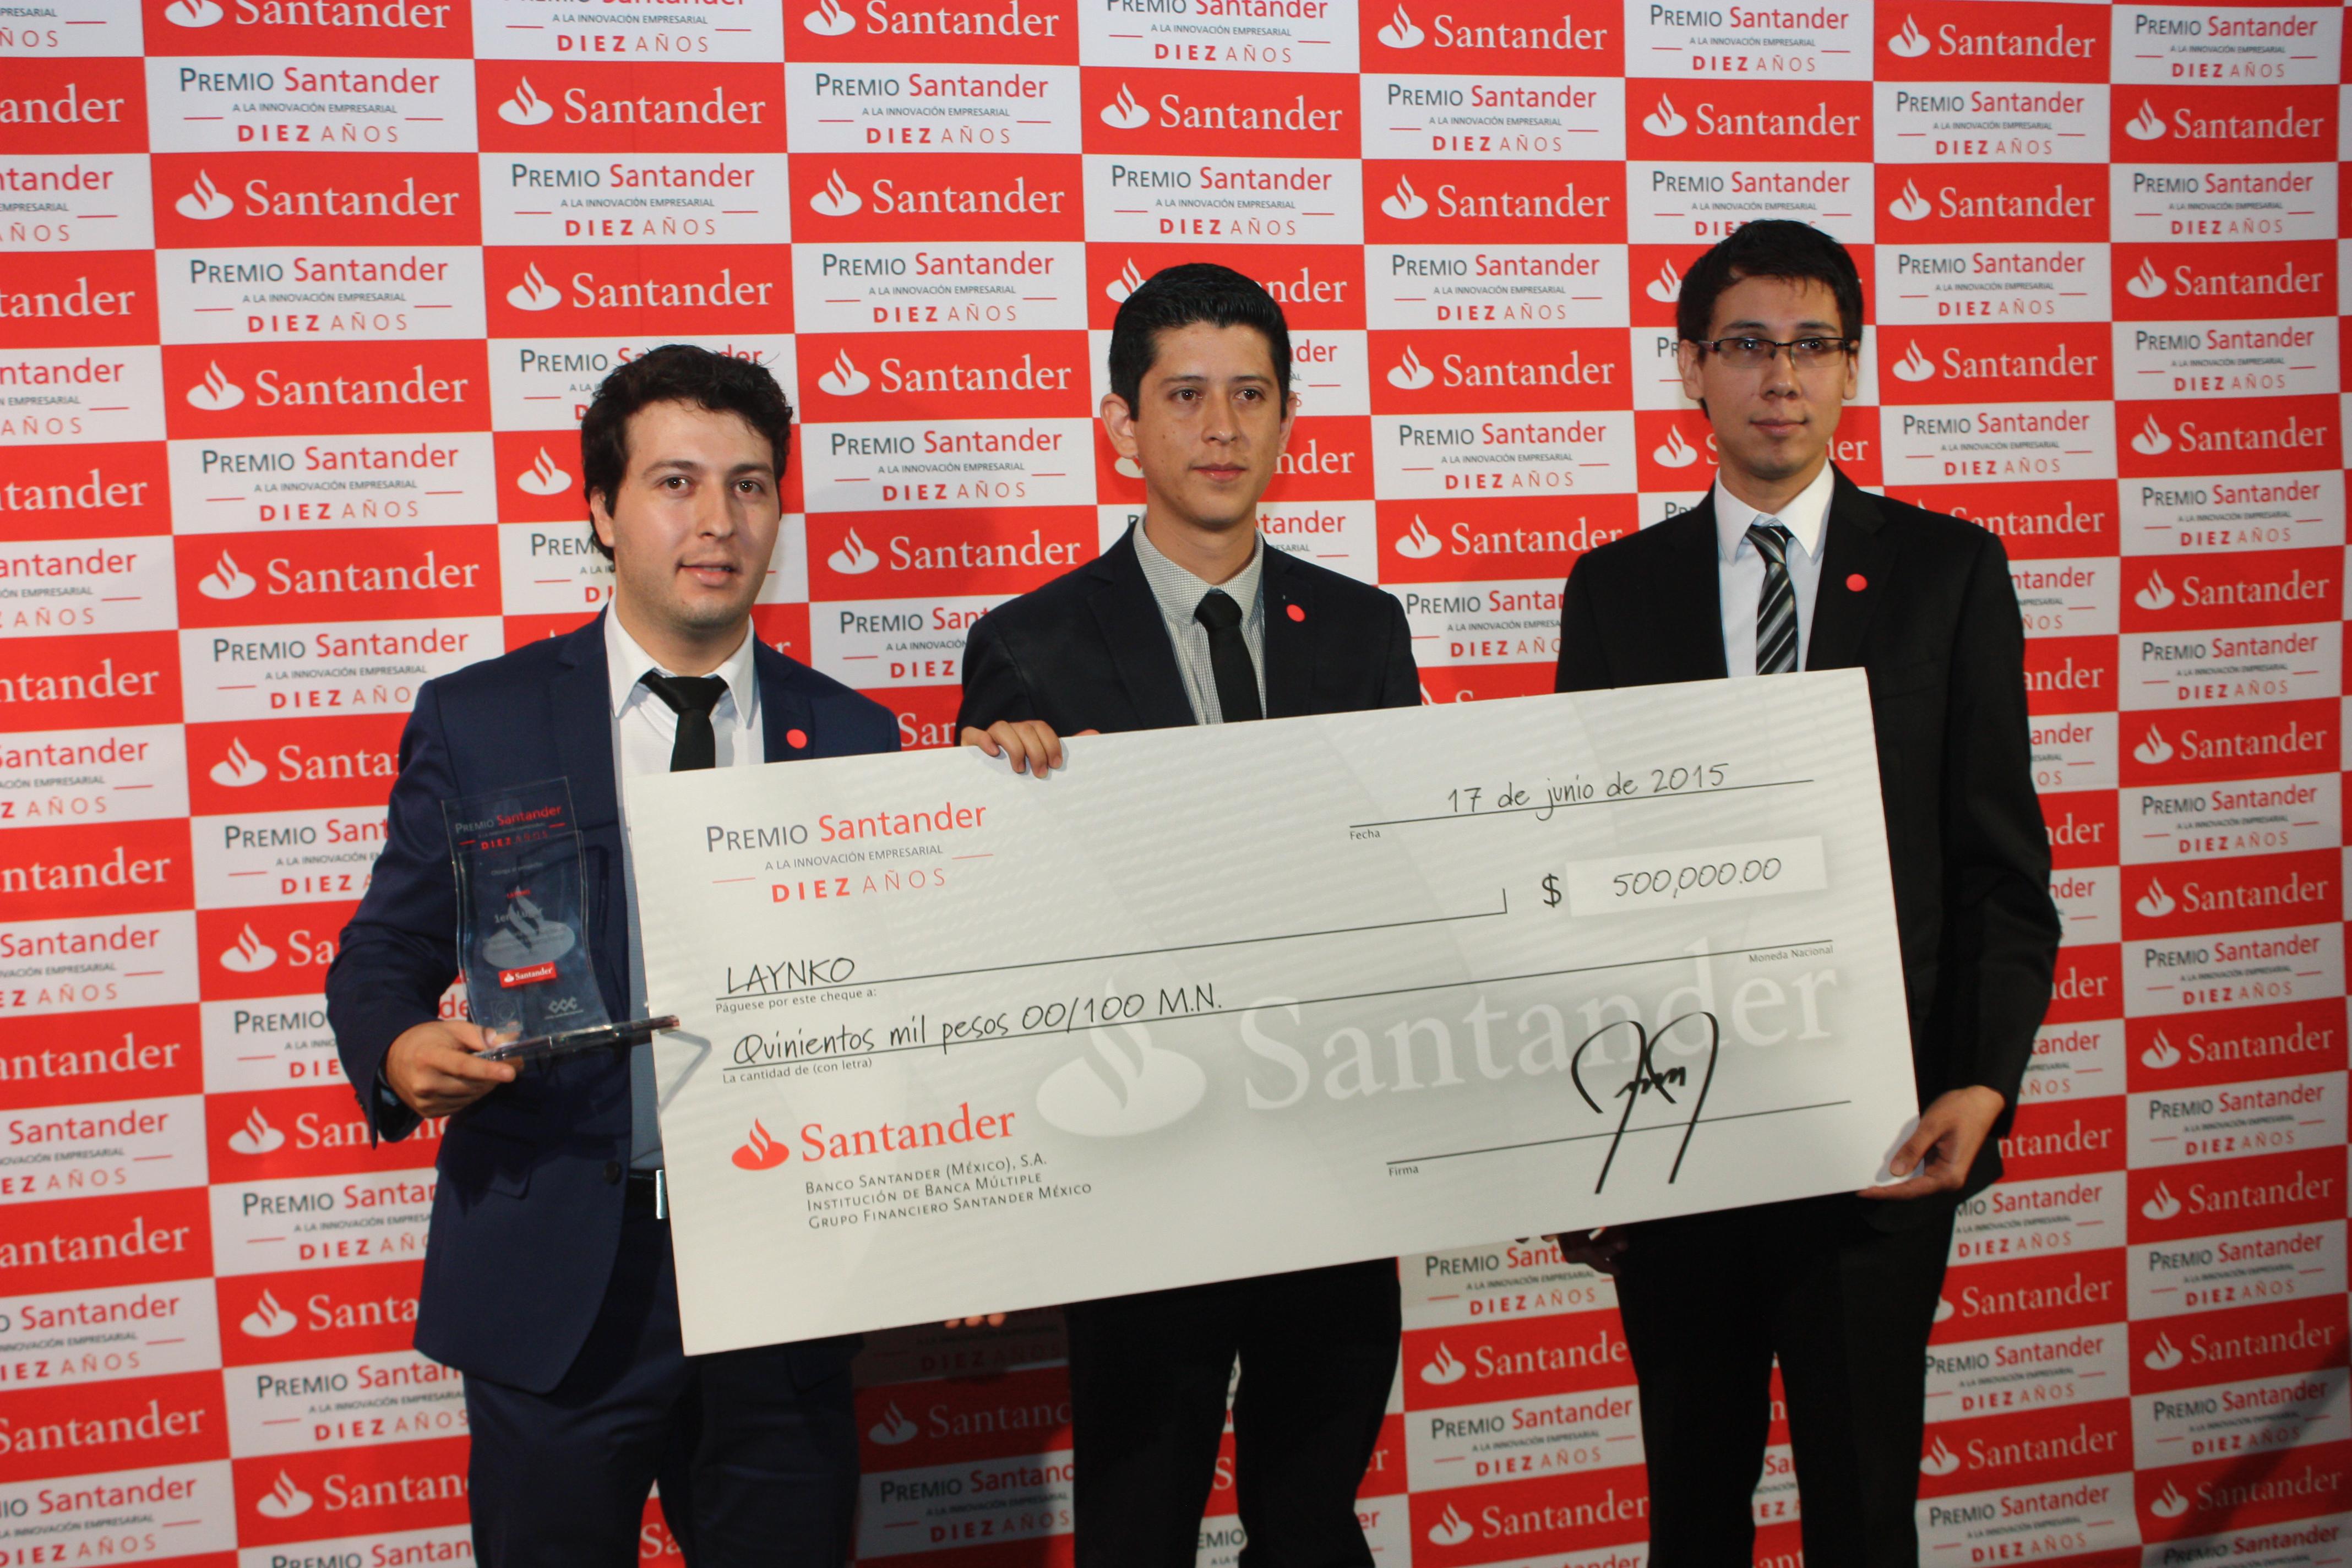 Cuatro estudiantes del Tecnológico Nacional de México y la Universidad Veracruzana, ganaron el primer lugar del Premio Santander 2015 a la Innovación Empresarial en la categoría  Proyectos de Negocio con Impacto Social.